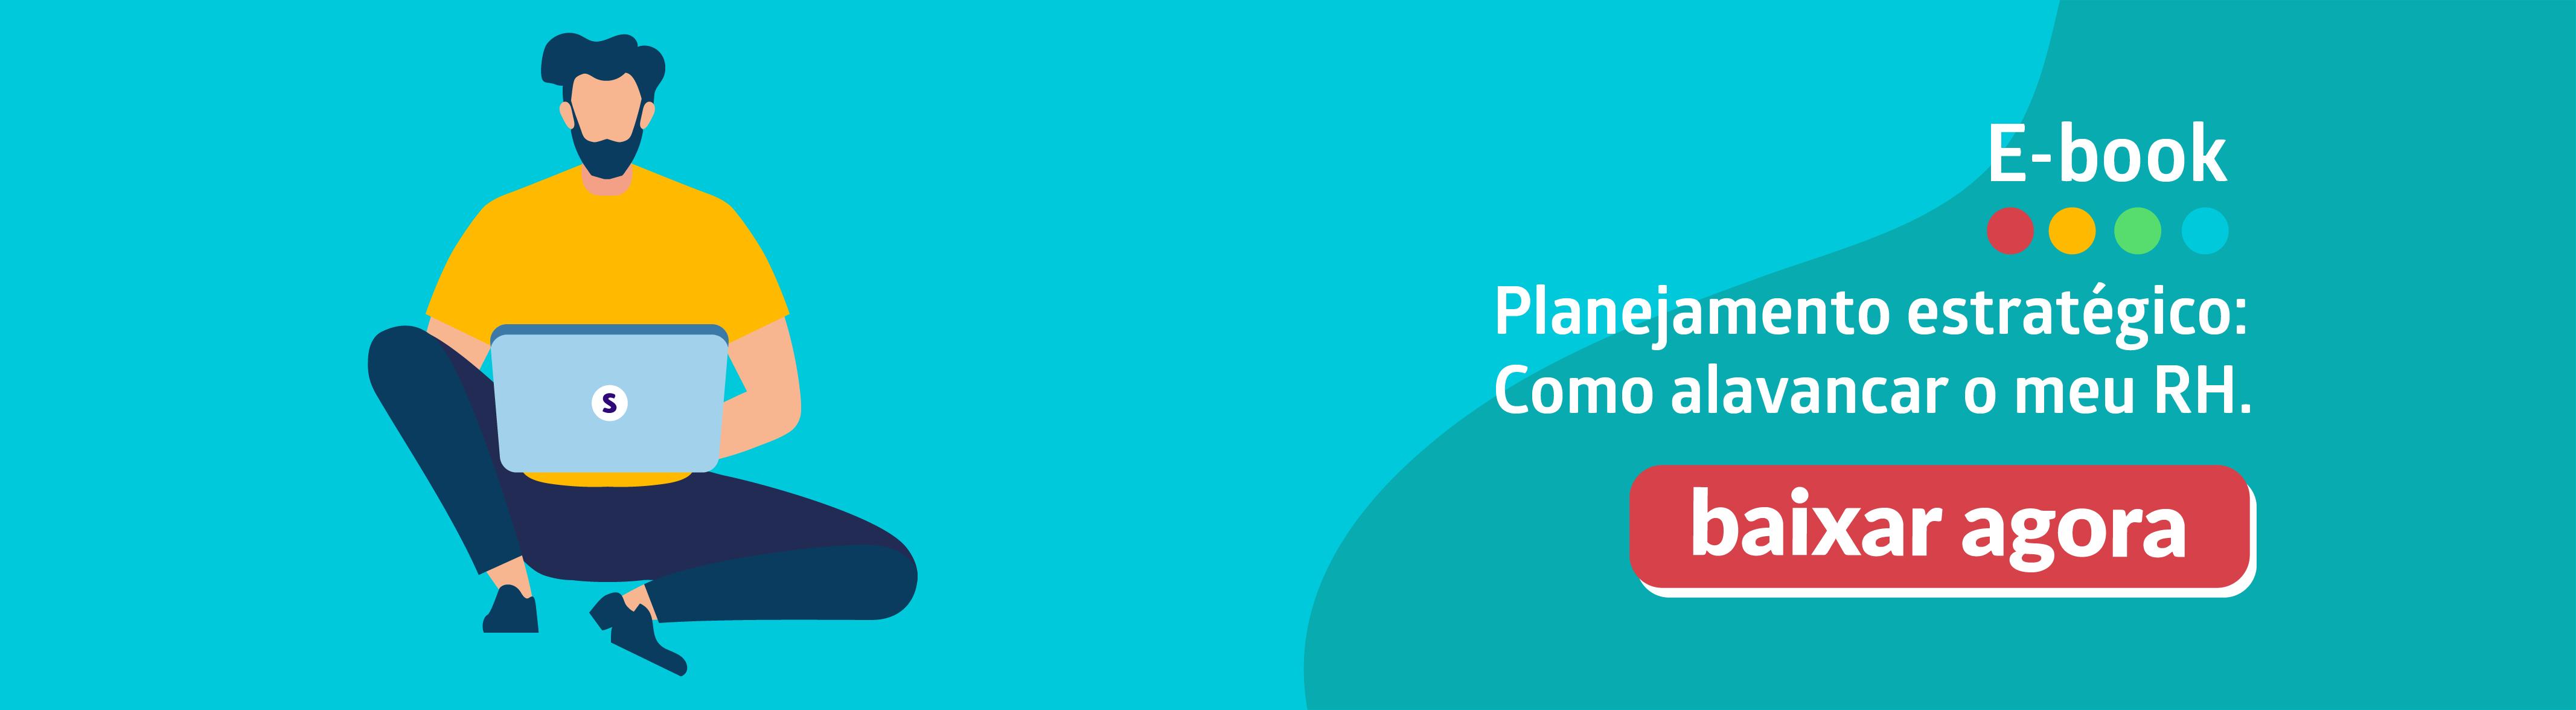 Banner_Planejamento_Estratégico_Como_Alavancar_o_RH